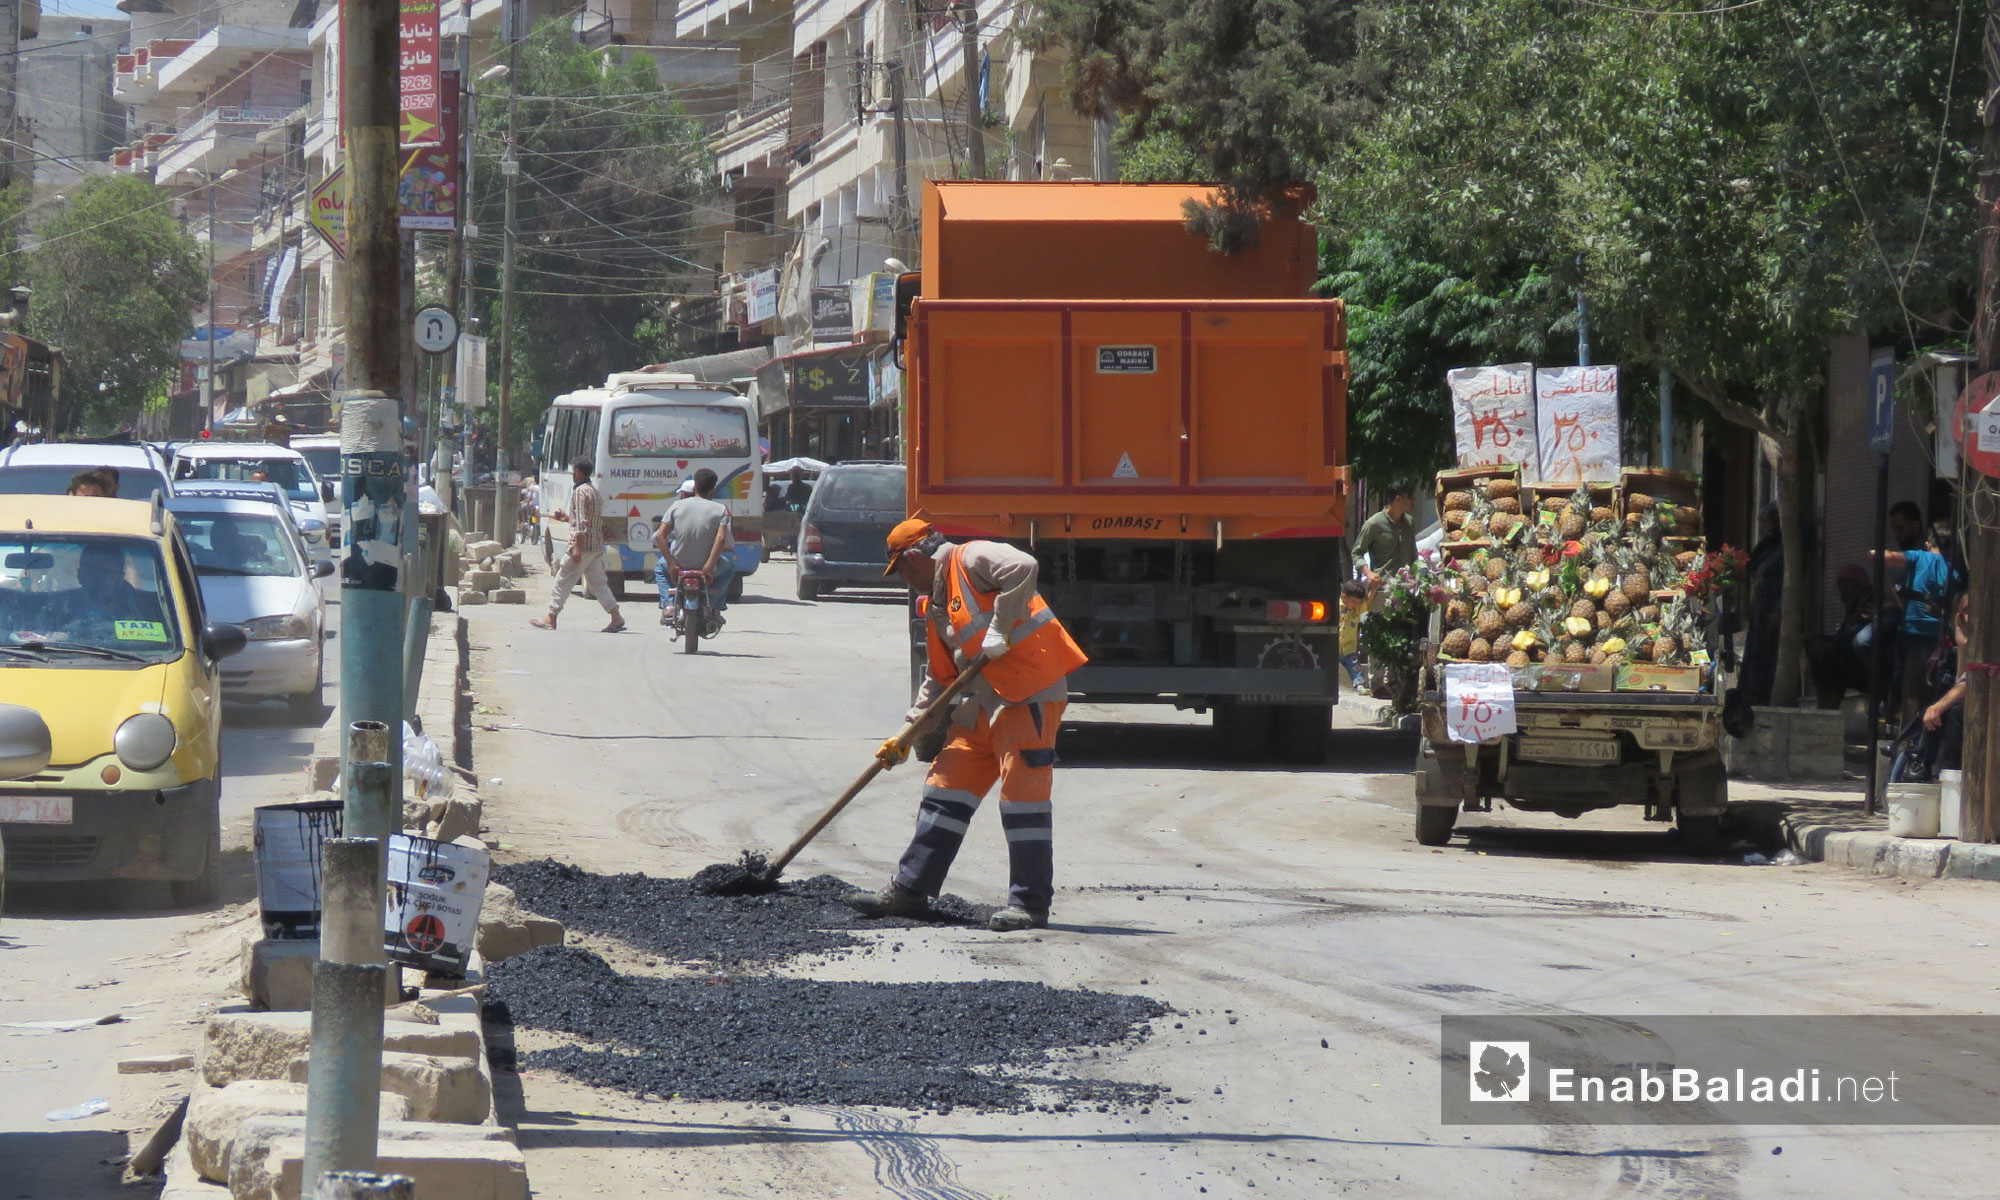 إعادة تأهيل الطرقات في مدينة عفرين - 9 تموز 2018 (عنب بلدي)